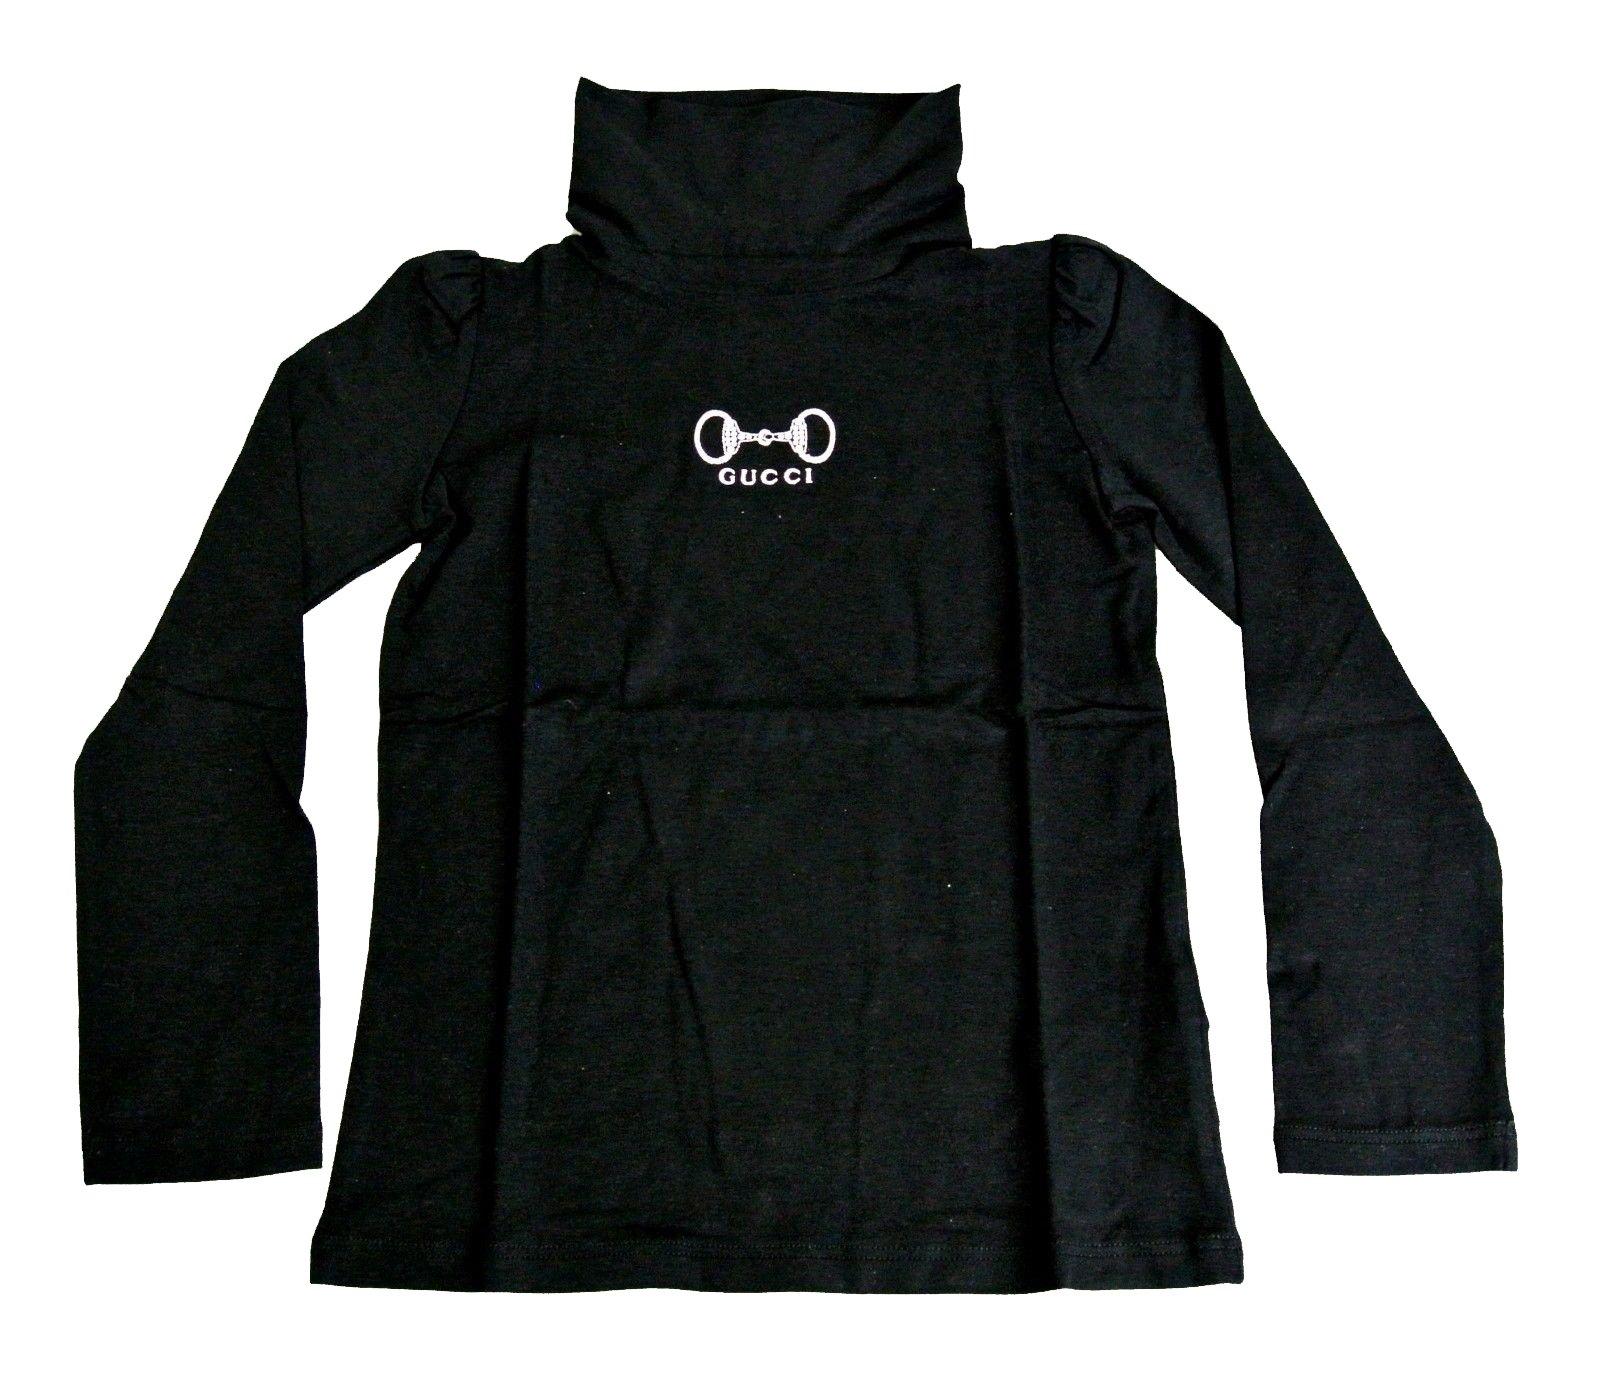 Gucci Black Modal Cashmere Horsebit Turtle Neck T Shirt 265570 Size